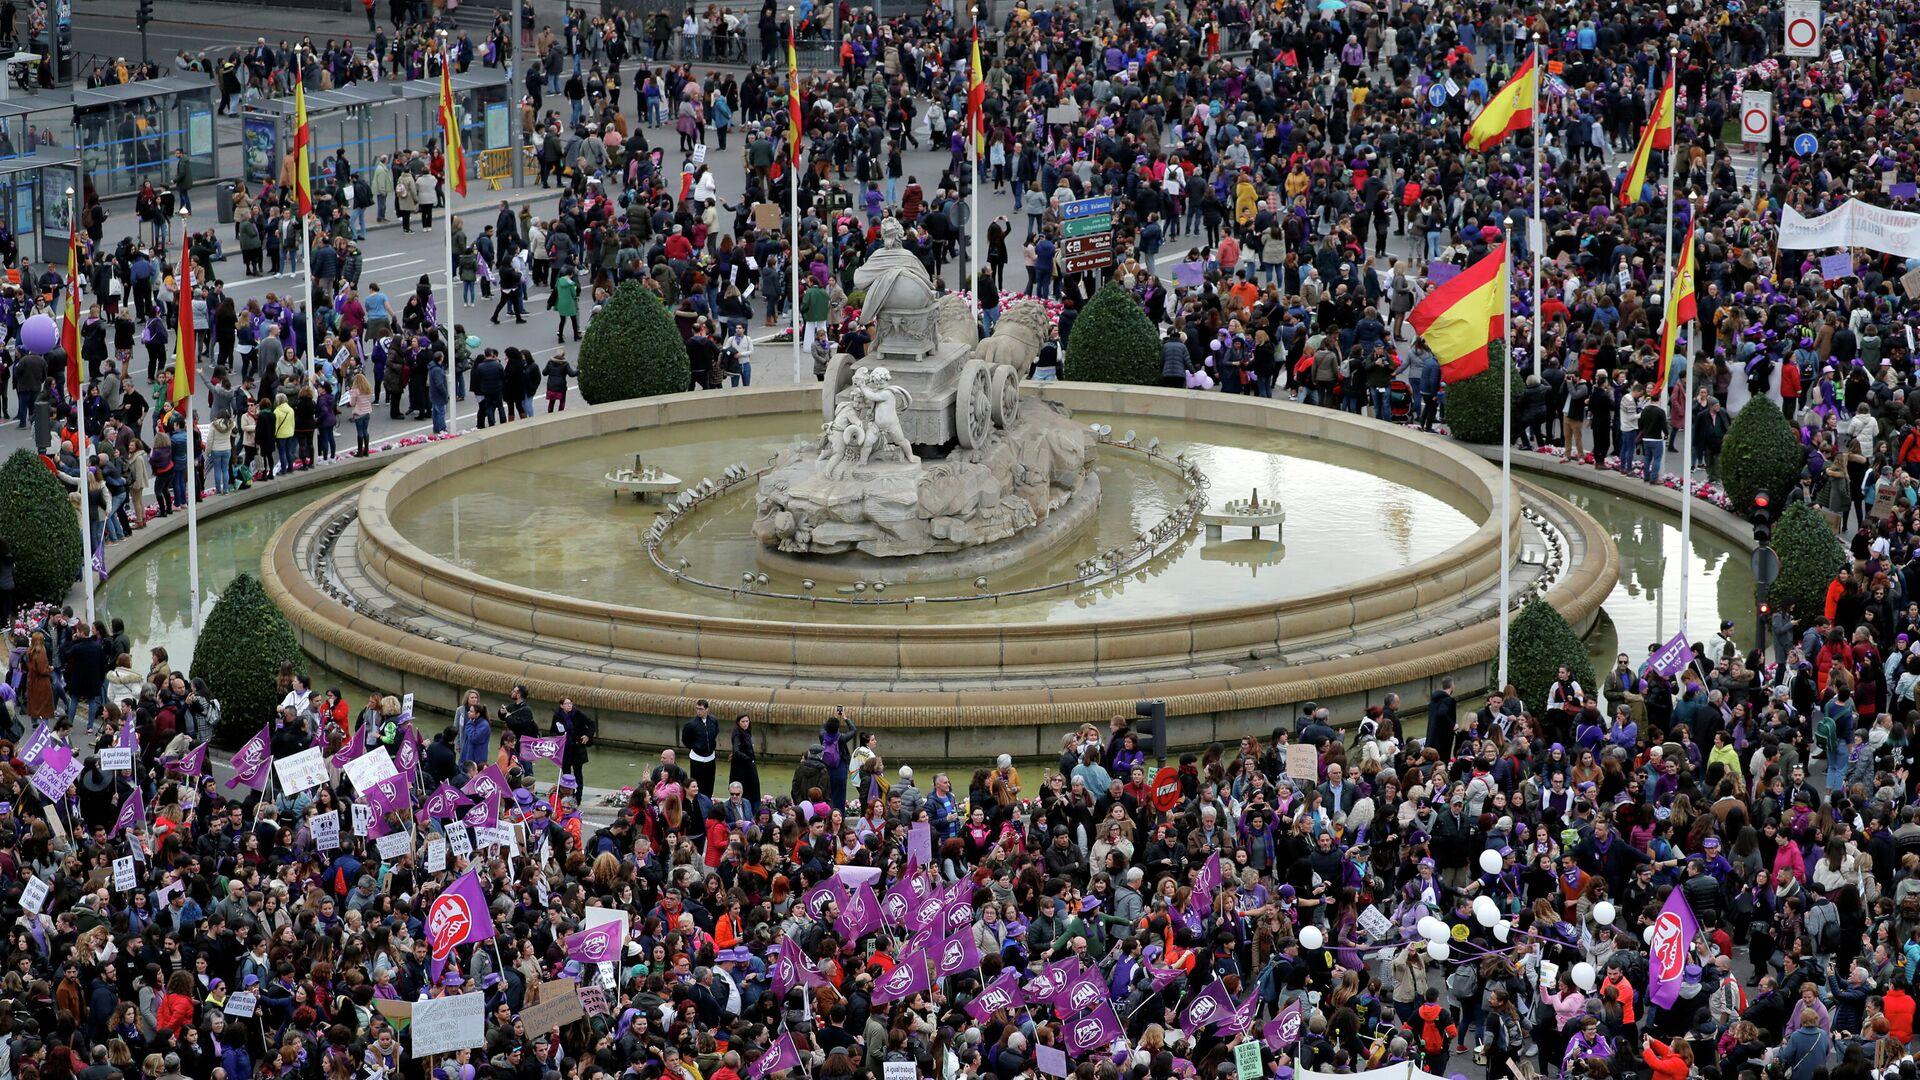 Una protesta con motivo del Día Internacional de la Mujer en Madrid, el 8 de marzo del 2020 (archivo) - Sputnik Mundo, 1920, 05.03.2021